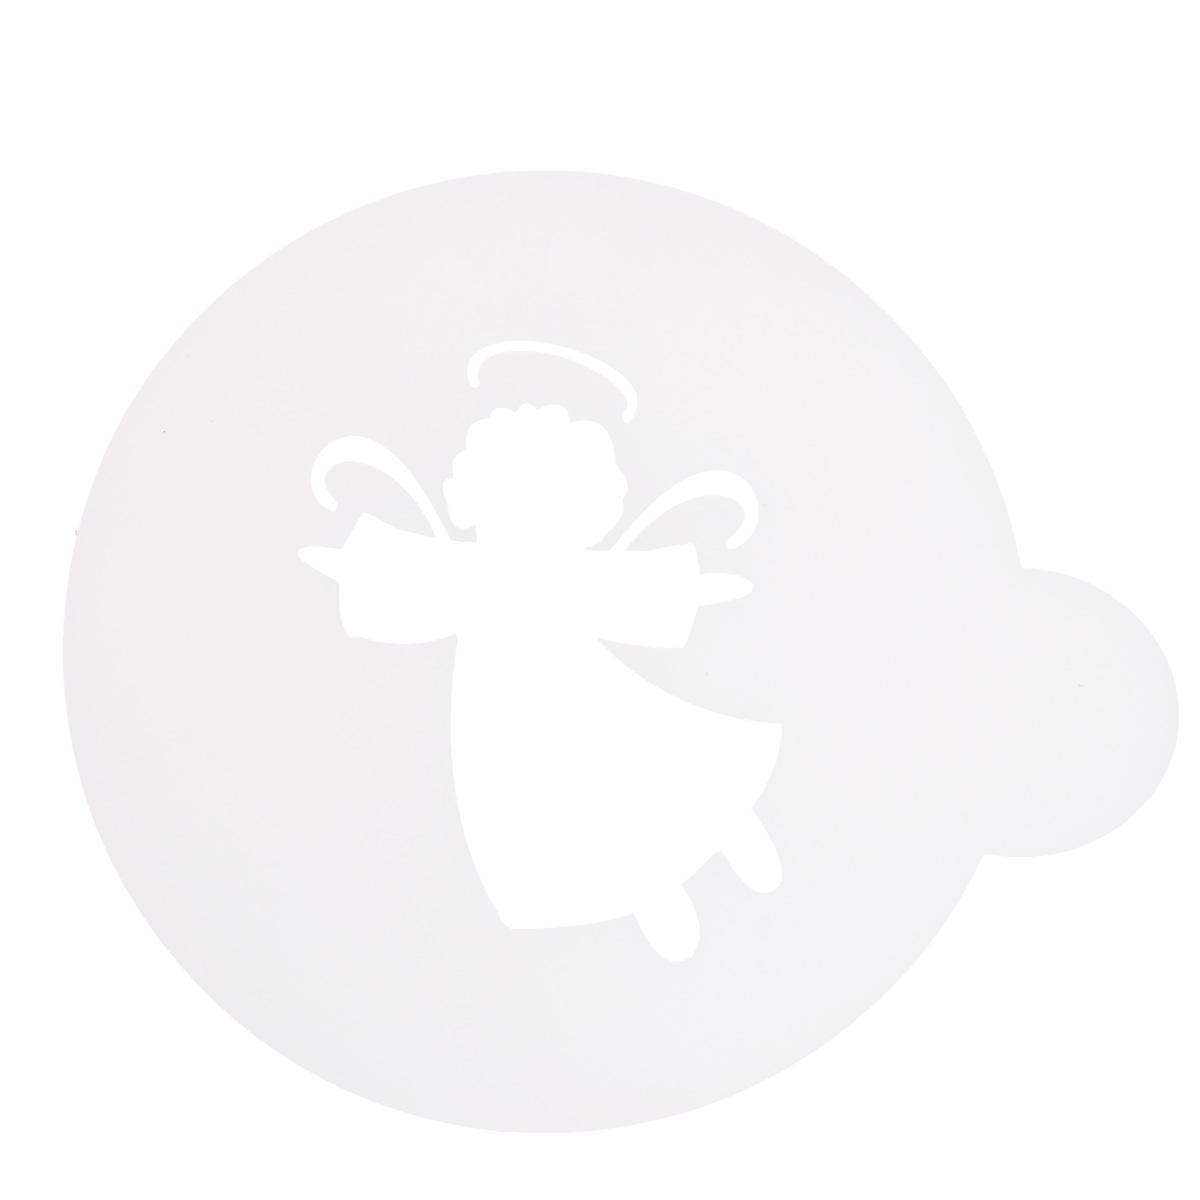 Трафарет на кофе и десерты Леденцовая фабрика Ангел, диаметр 10 смFS-91909Трафарет представляет собой пластину с прорезями, через которые пищевая краска (сахарная пудра, какао, шоколад, сливки, корица, дробленый орех) наносится на поверхность кофе, молочных коктейлей, десертов. Трафарет изготовлен из матового пищевого пластика 250 мкм и пригоден для контакта с пищевыми продуктами. Трафарет многоразовый. Побалуйте себя и ваших близких красиво оформленным кофе.